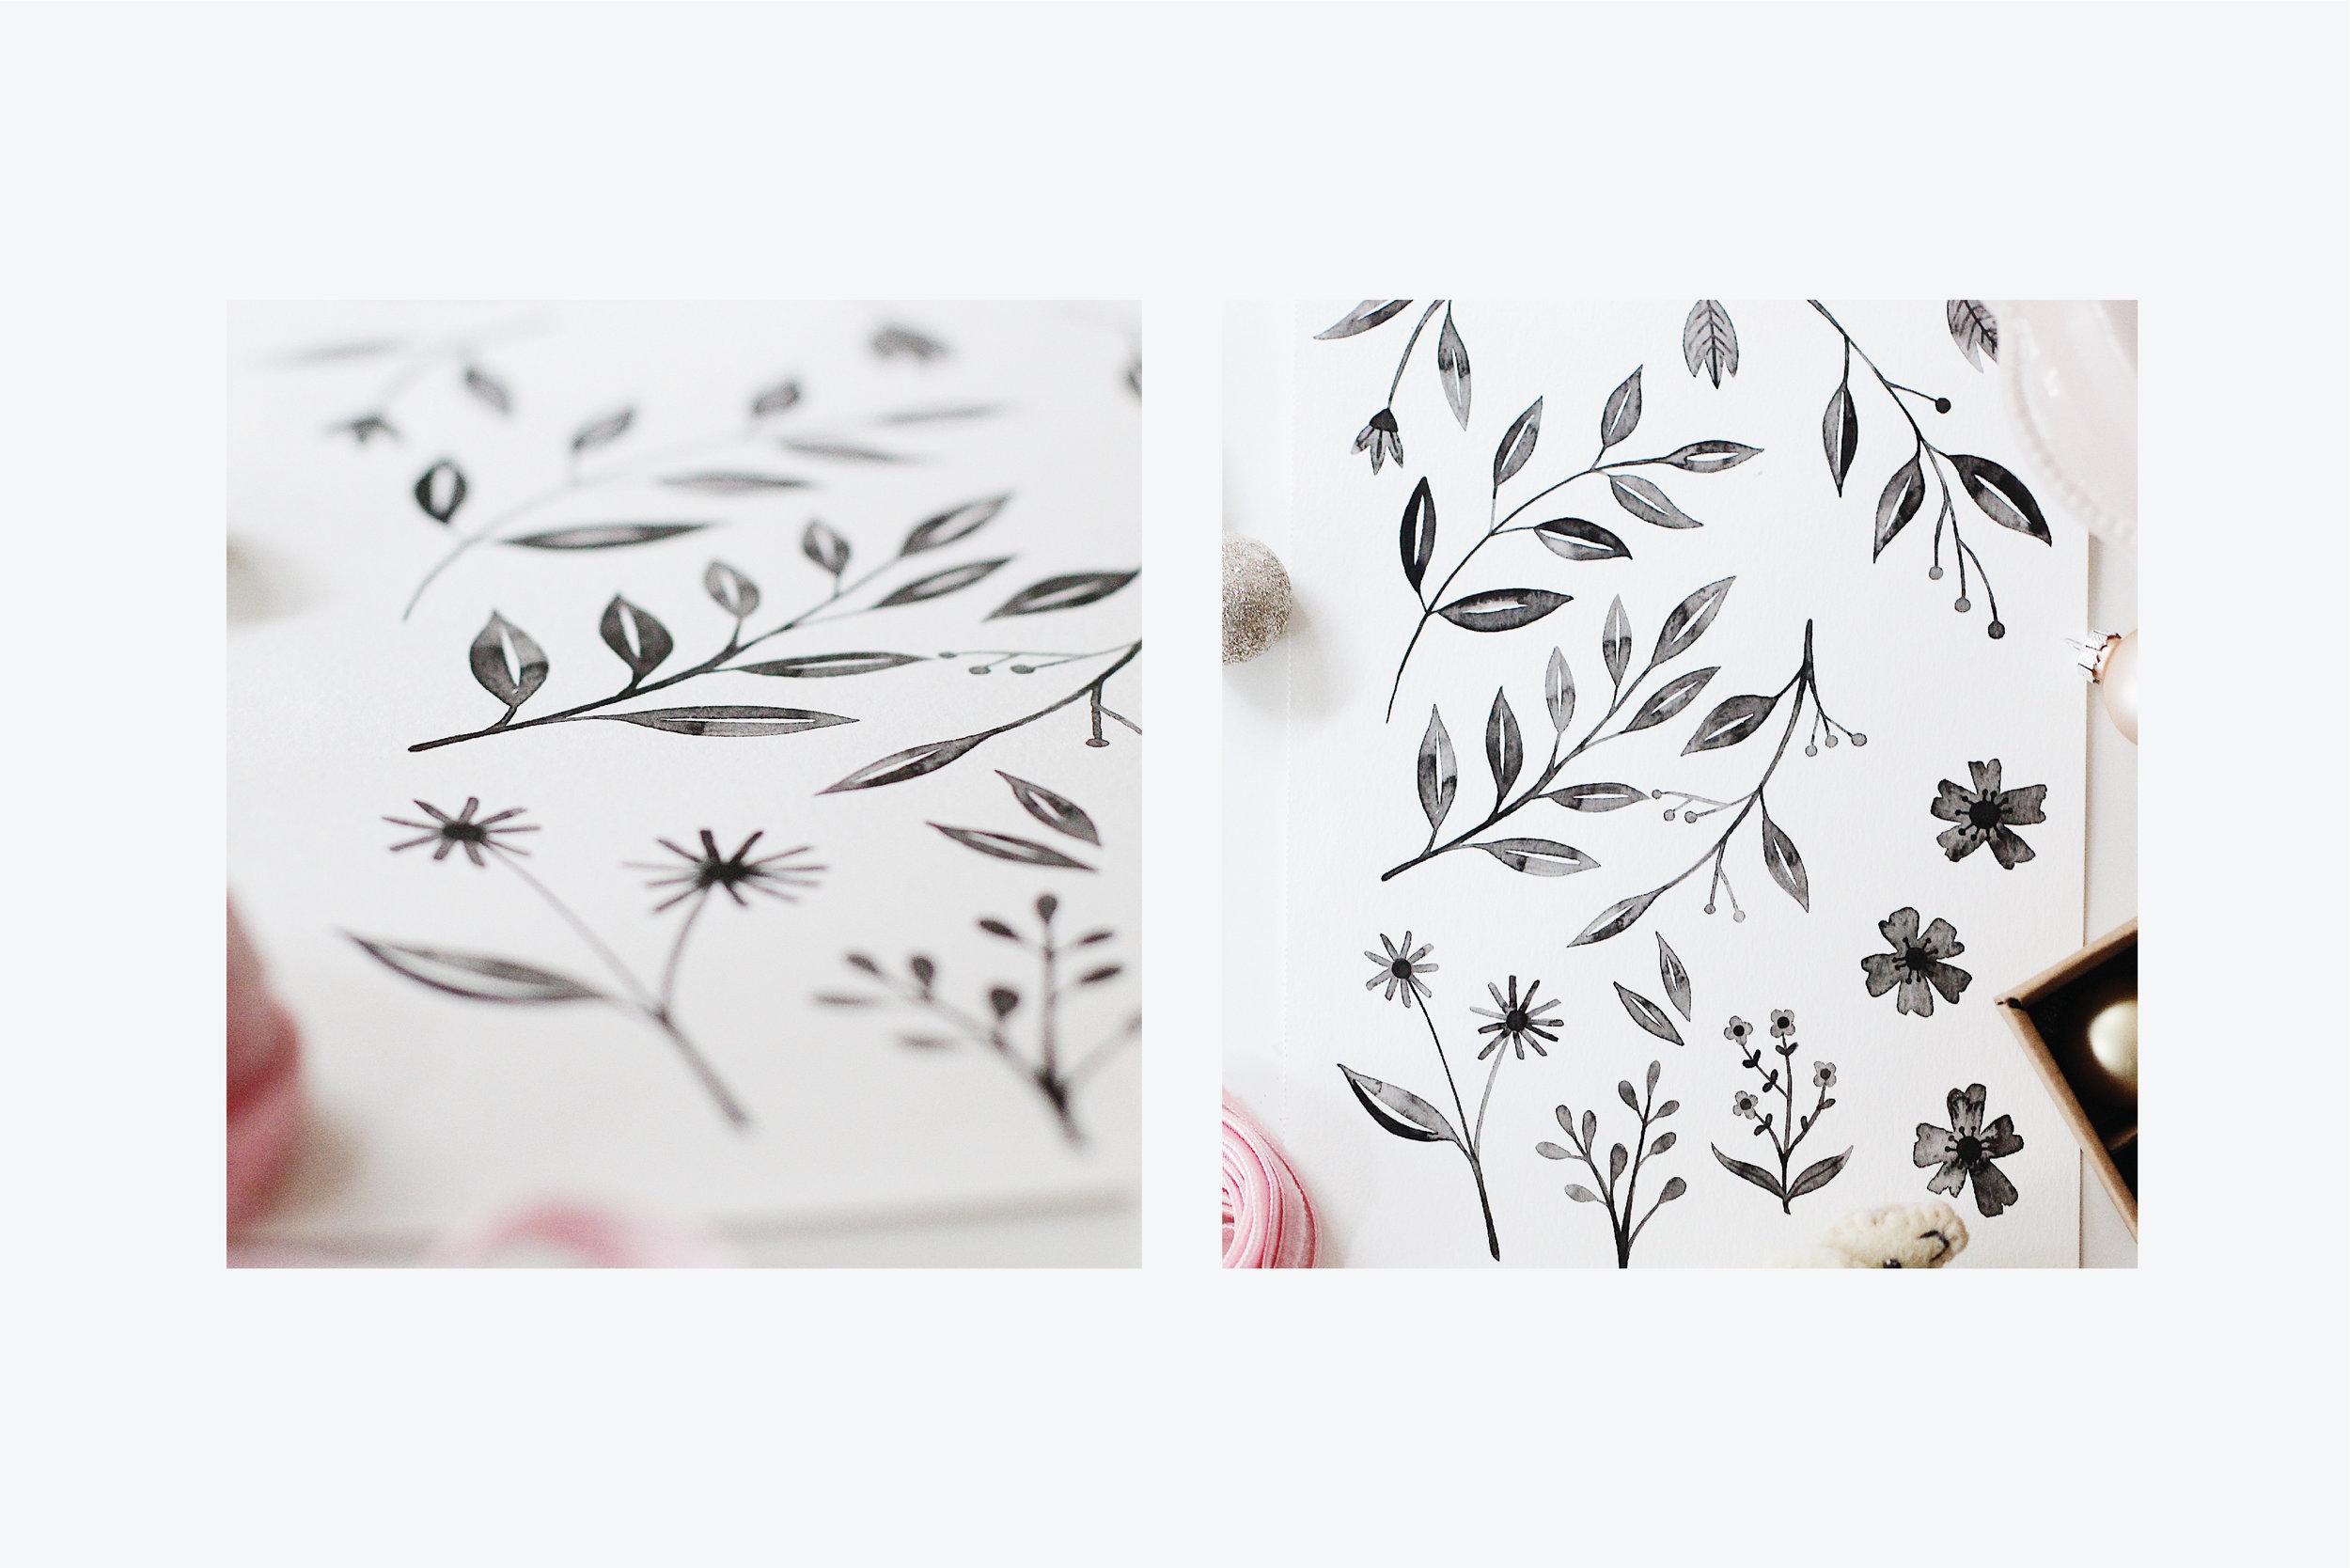 Wilkie_maryclarewilkie-inkedflowers-04.jpg